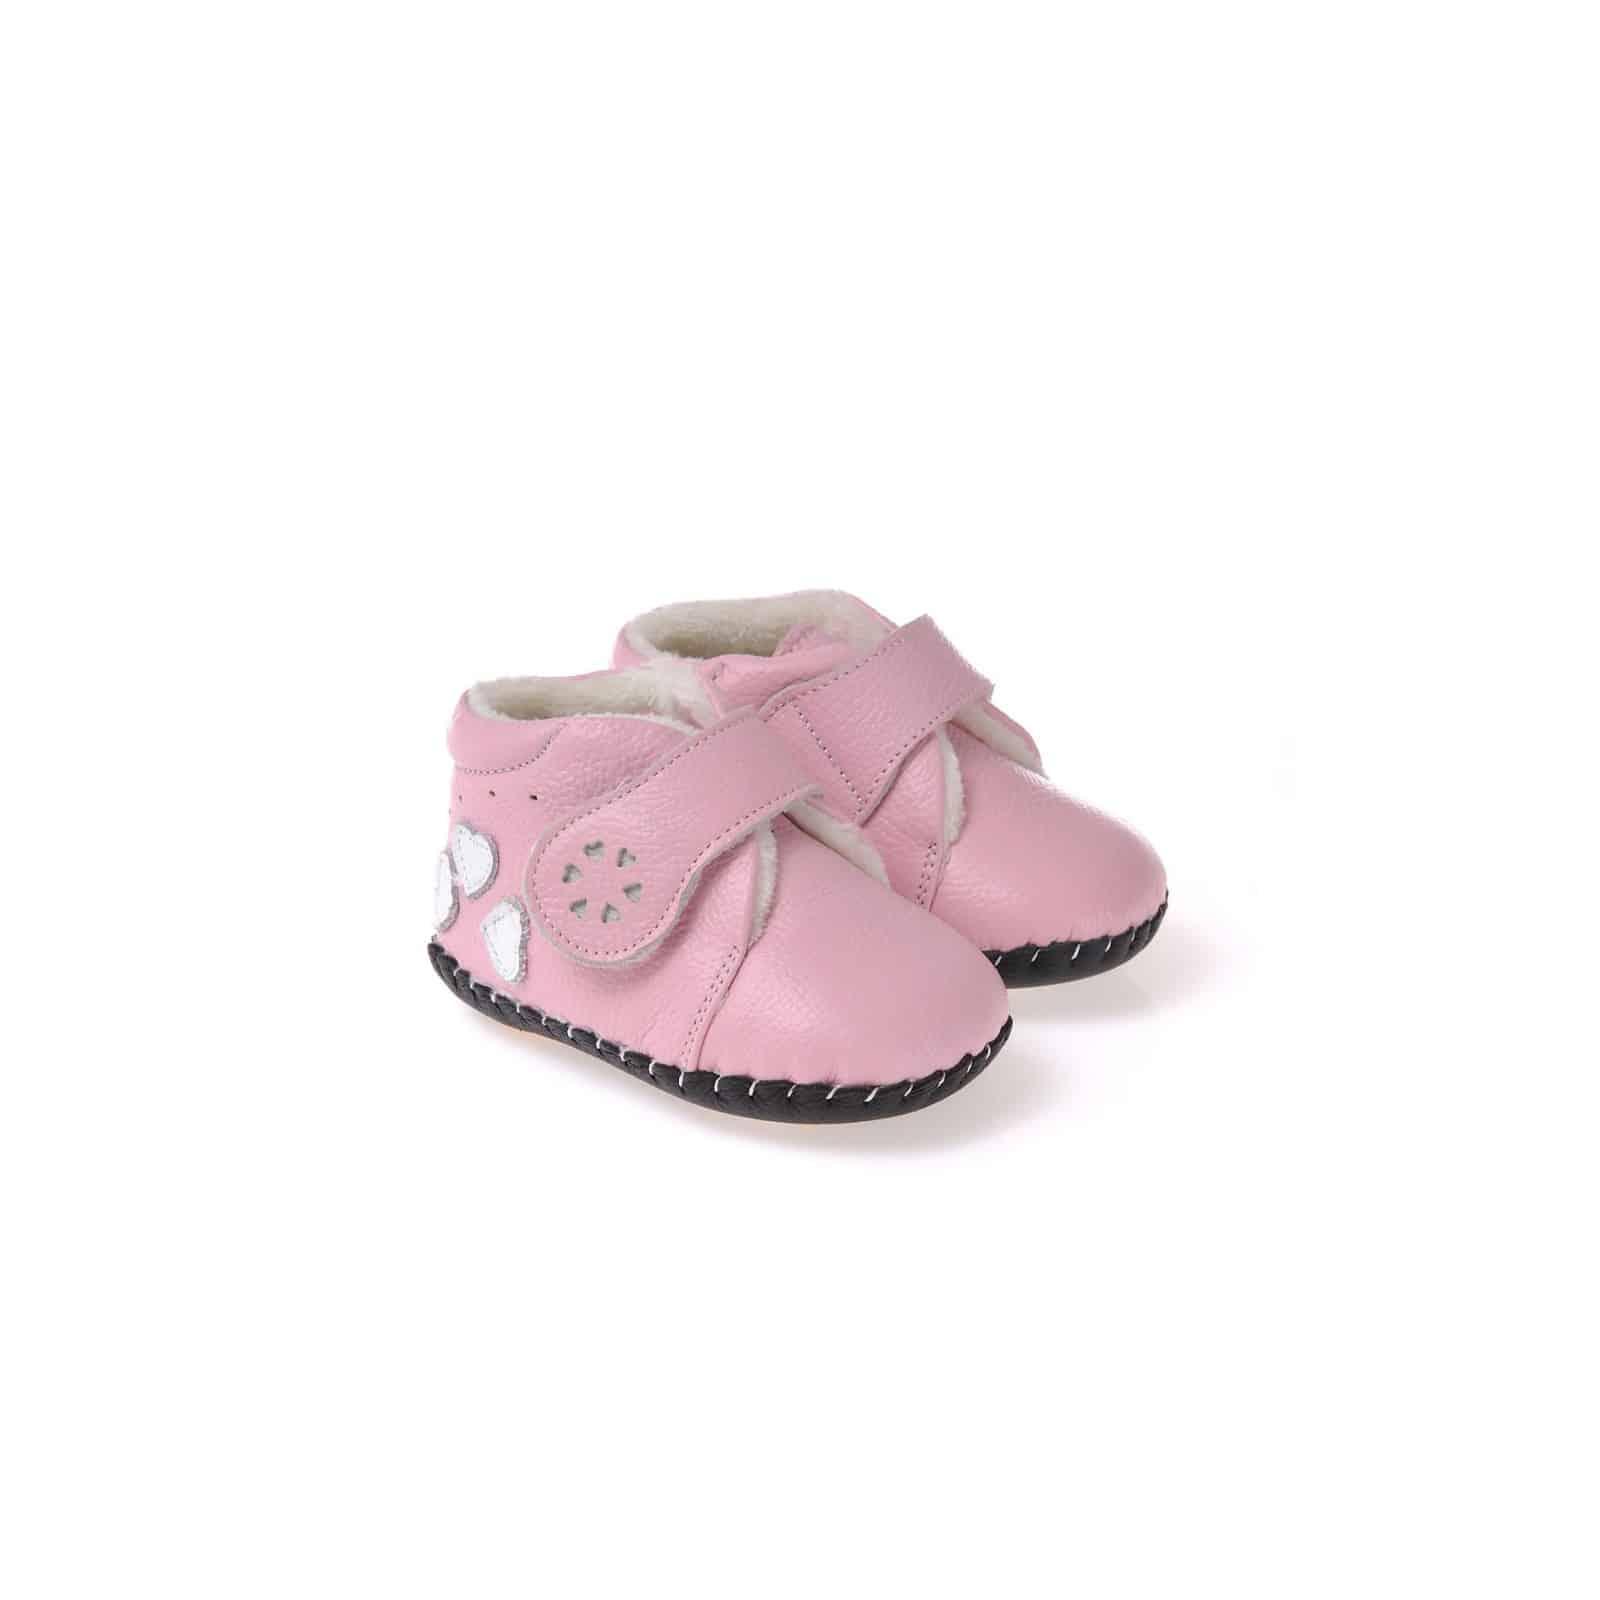 CAROCH - Chaussures premiers pas cuir souple   Montantes fourrées rose 3  coeurs fad3f71d70c